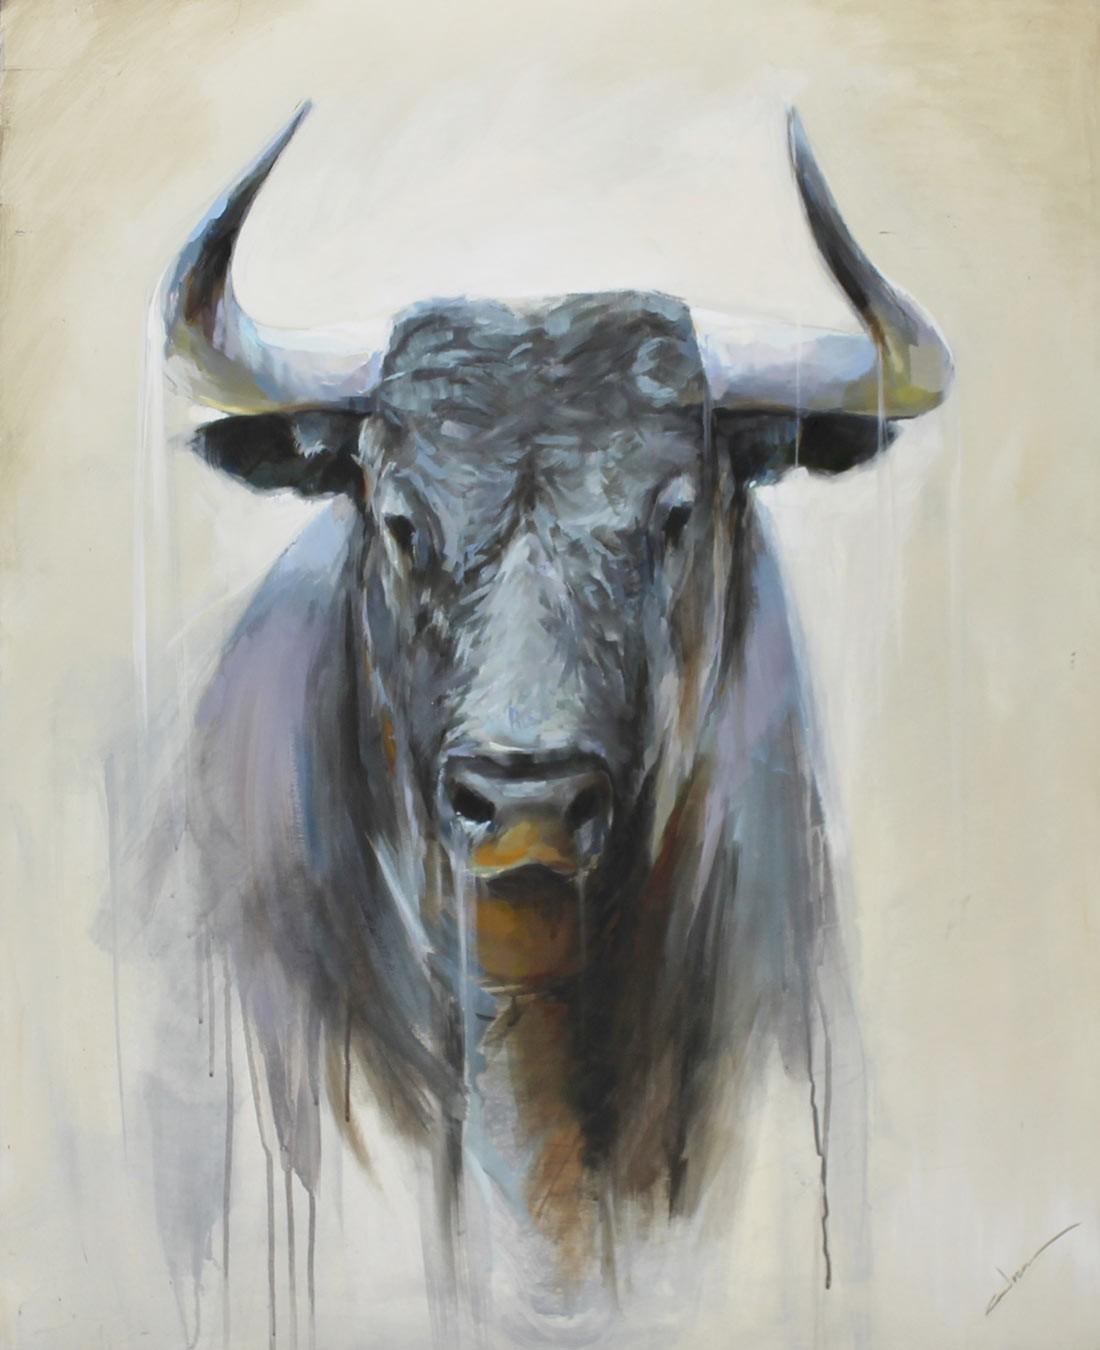 Abraham Pinto: La mirada del toro